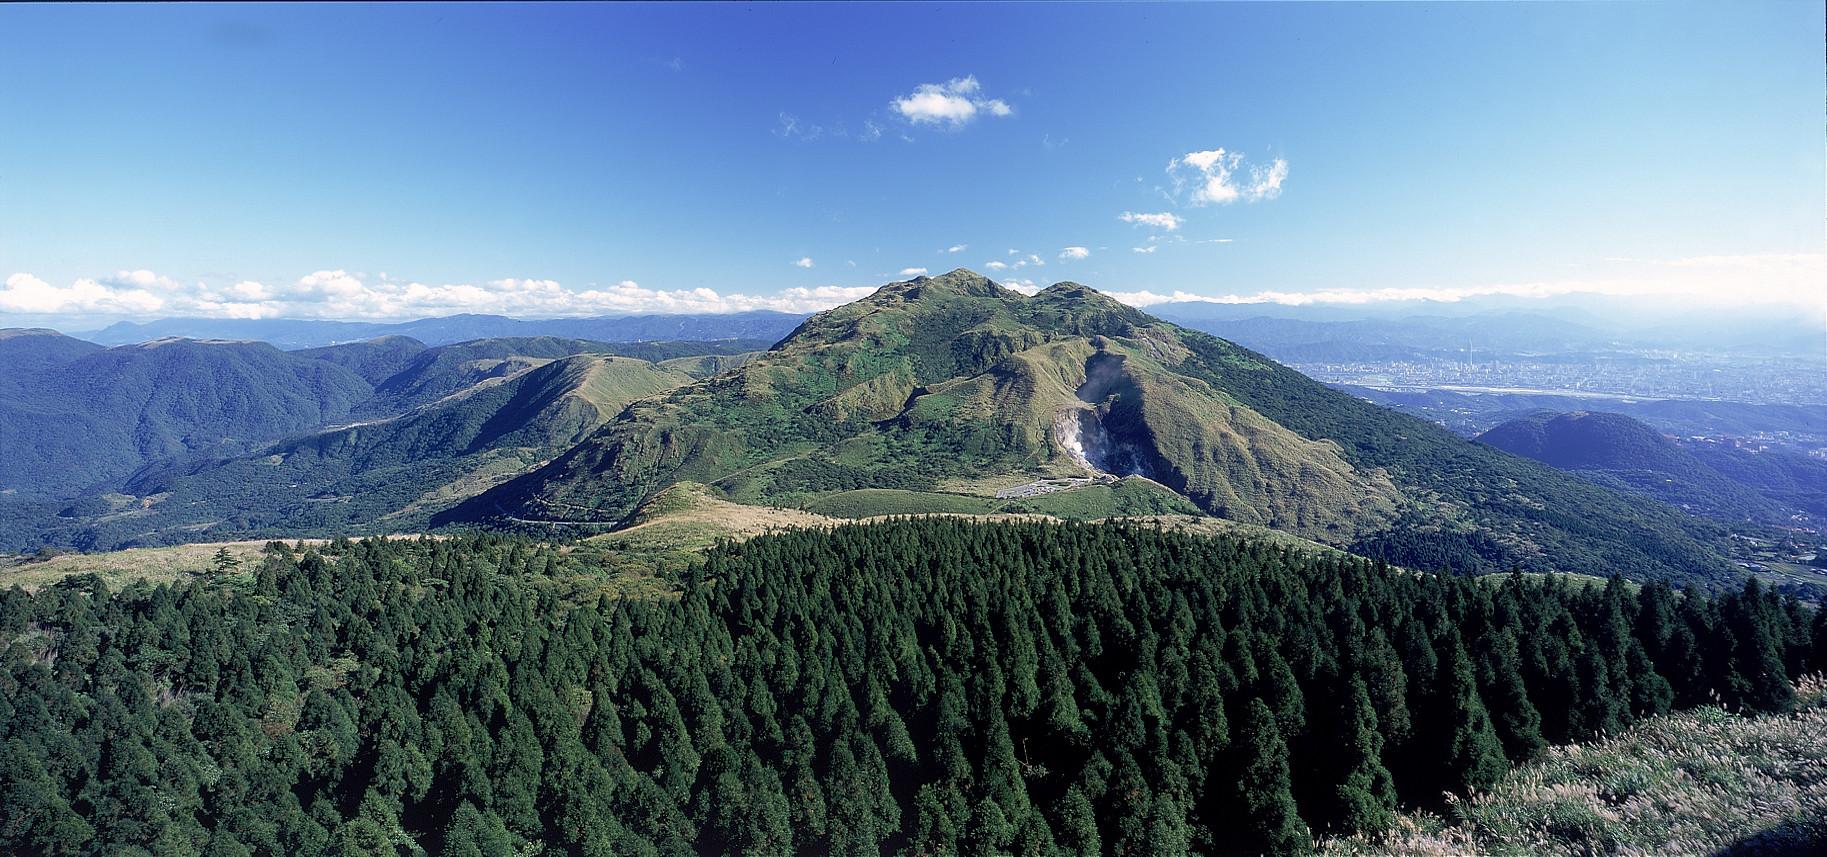 陽明山是台北近郊的代表性地標,也是週末出遊踏青的不二選擇。圖/陽明山國家公園官網